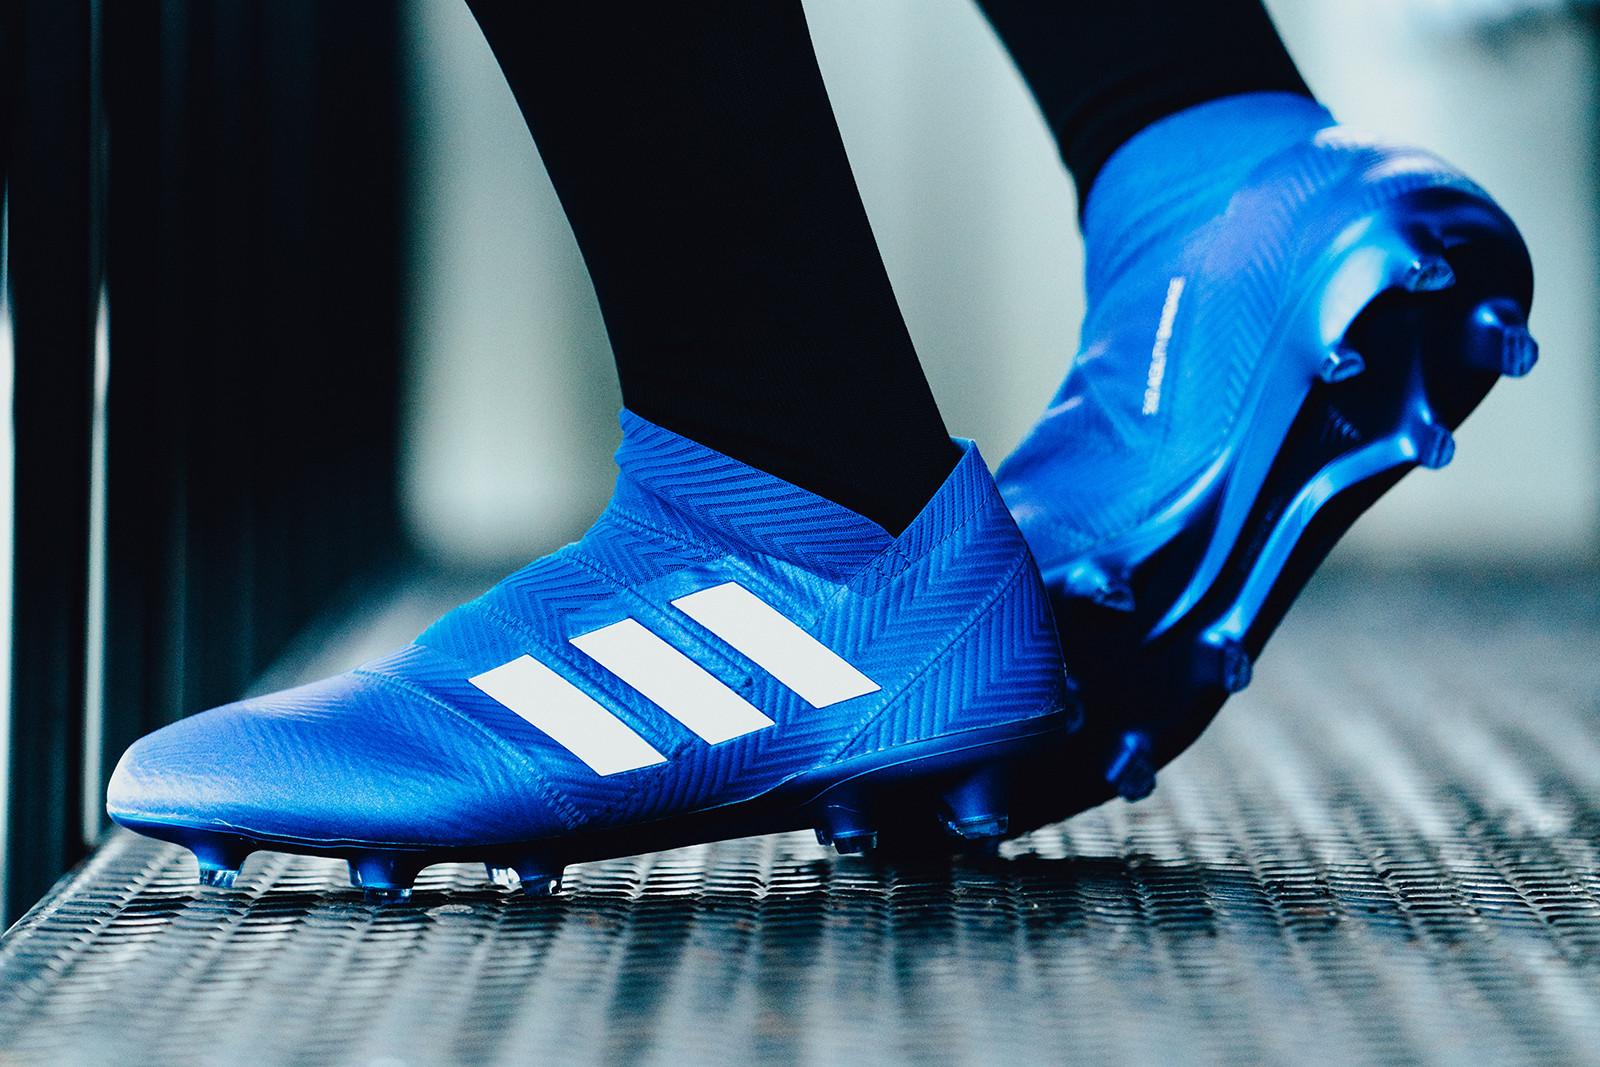 adidas fotboll släpper Team Mode pack  f507b599ee9d1